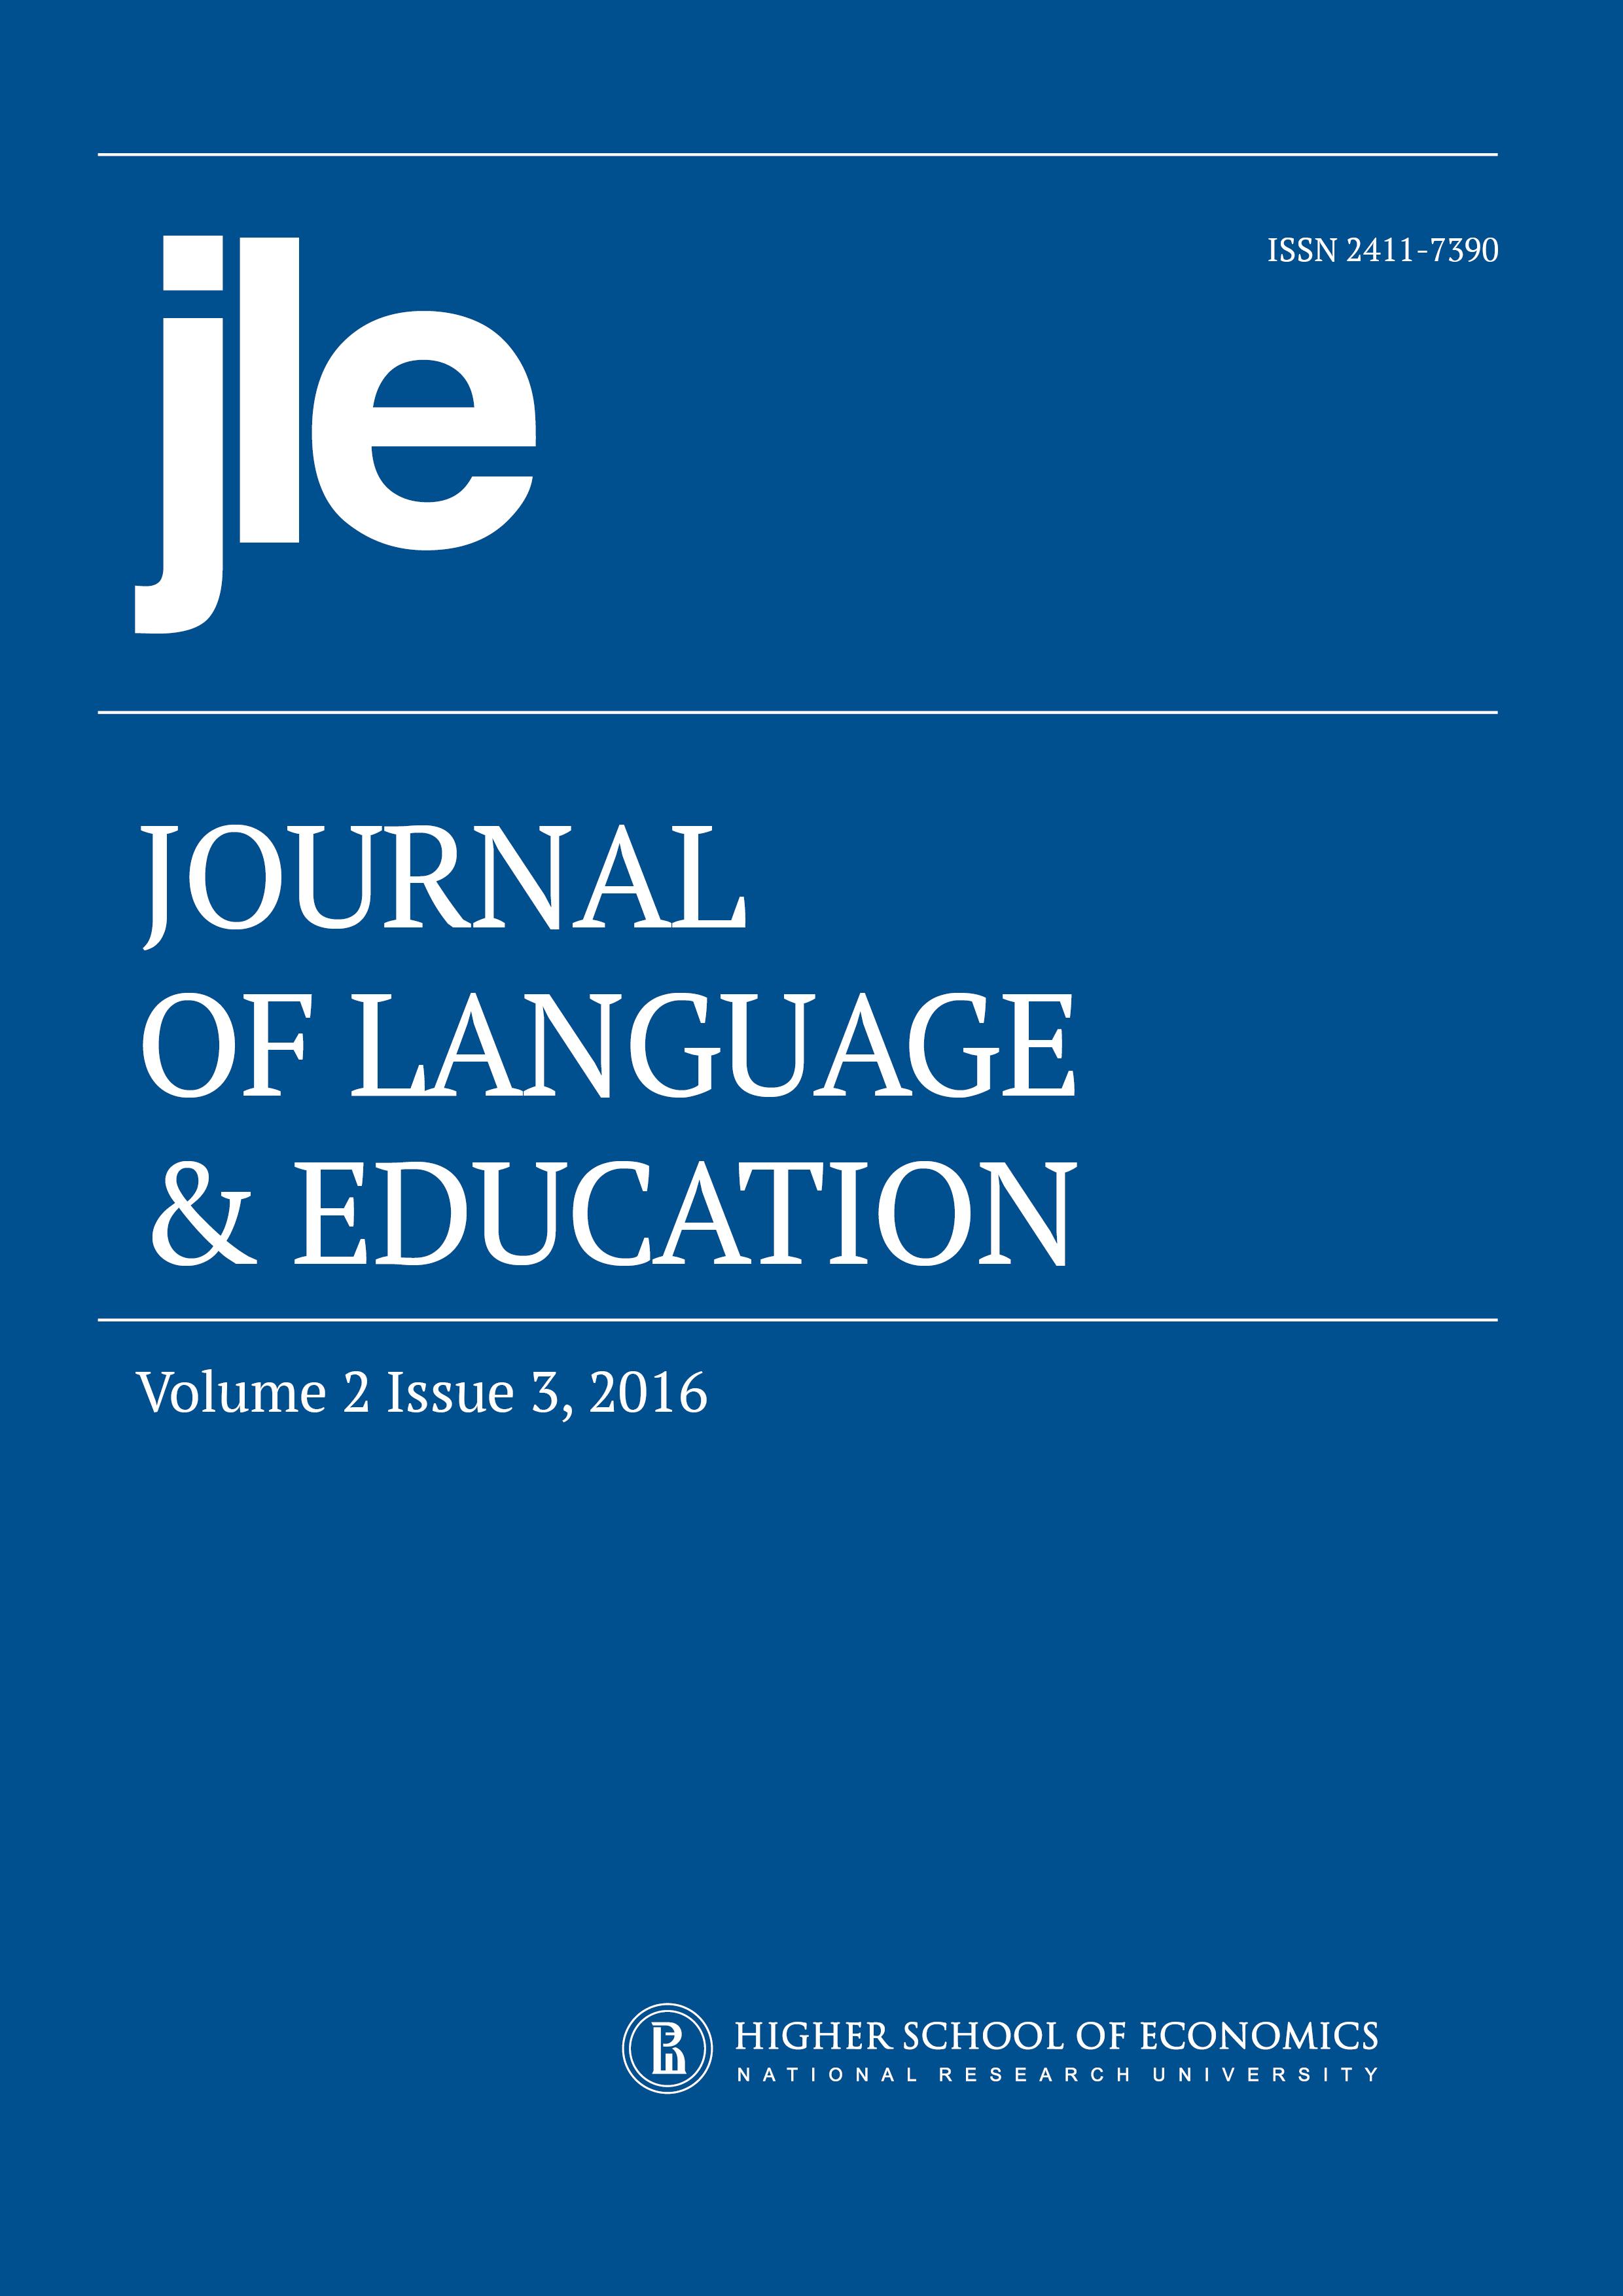 Volume 2 Issue 3, 2016